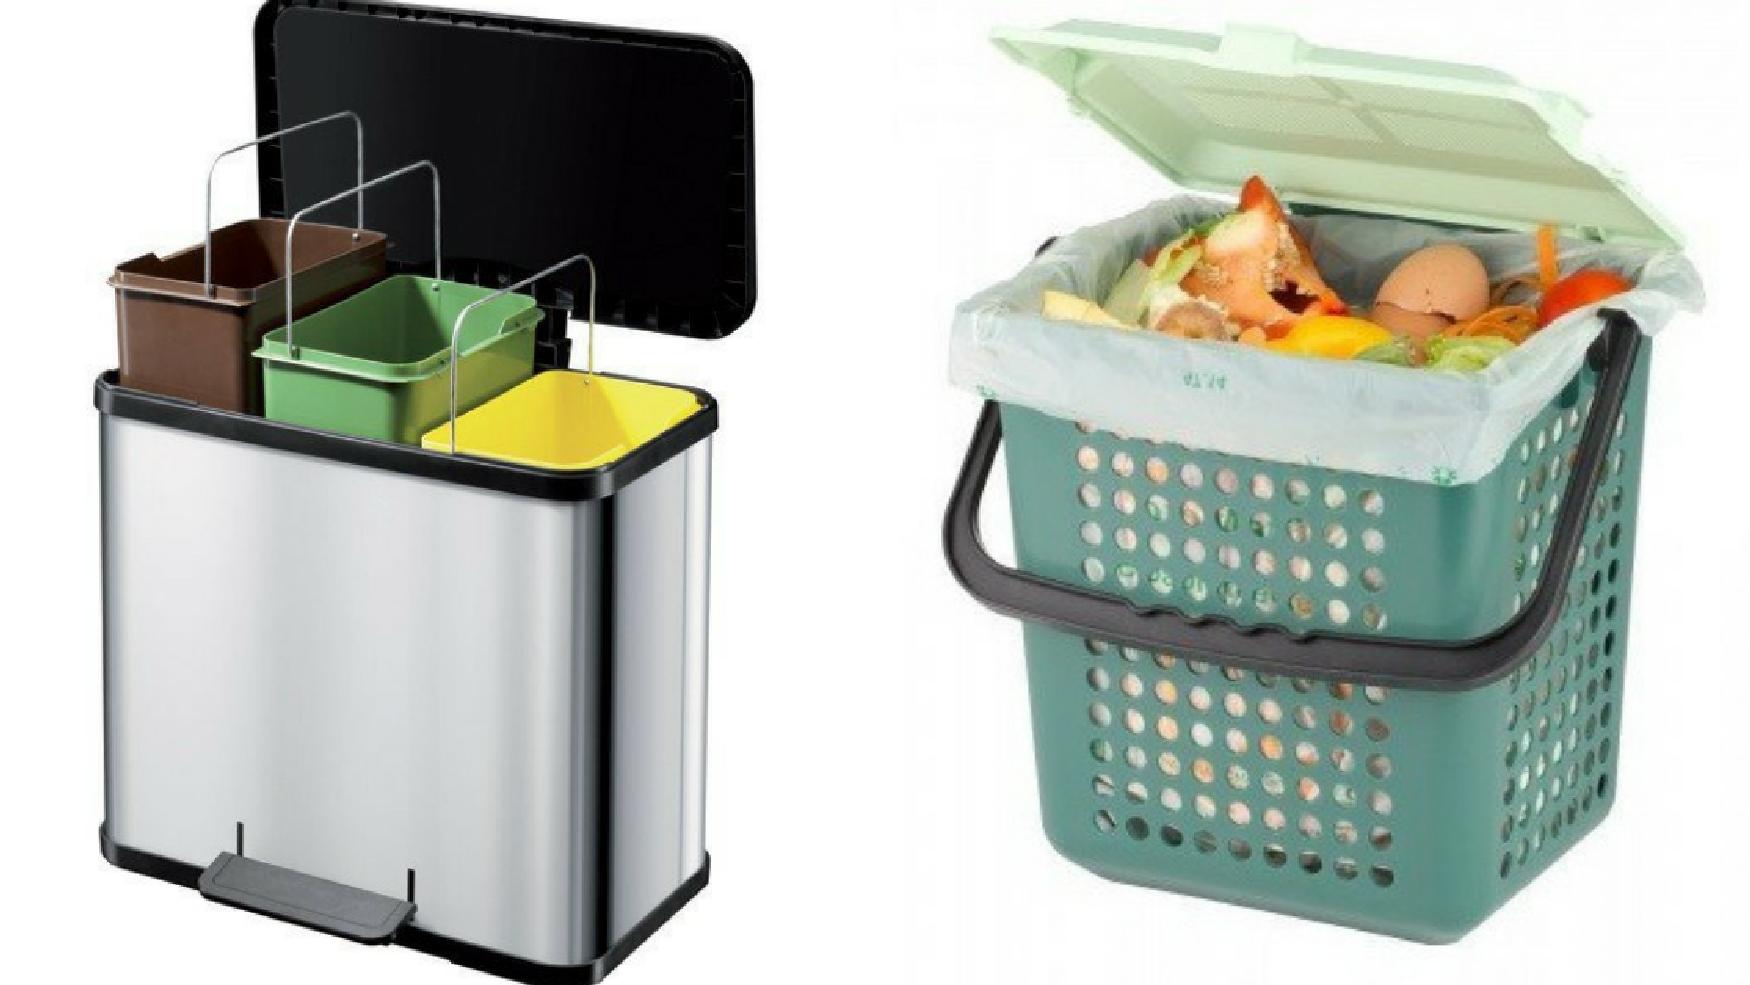 Recyklace třídění odpadu – naše tipy pro domácnost